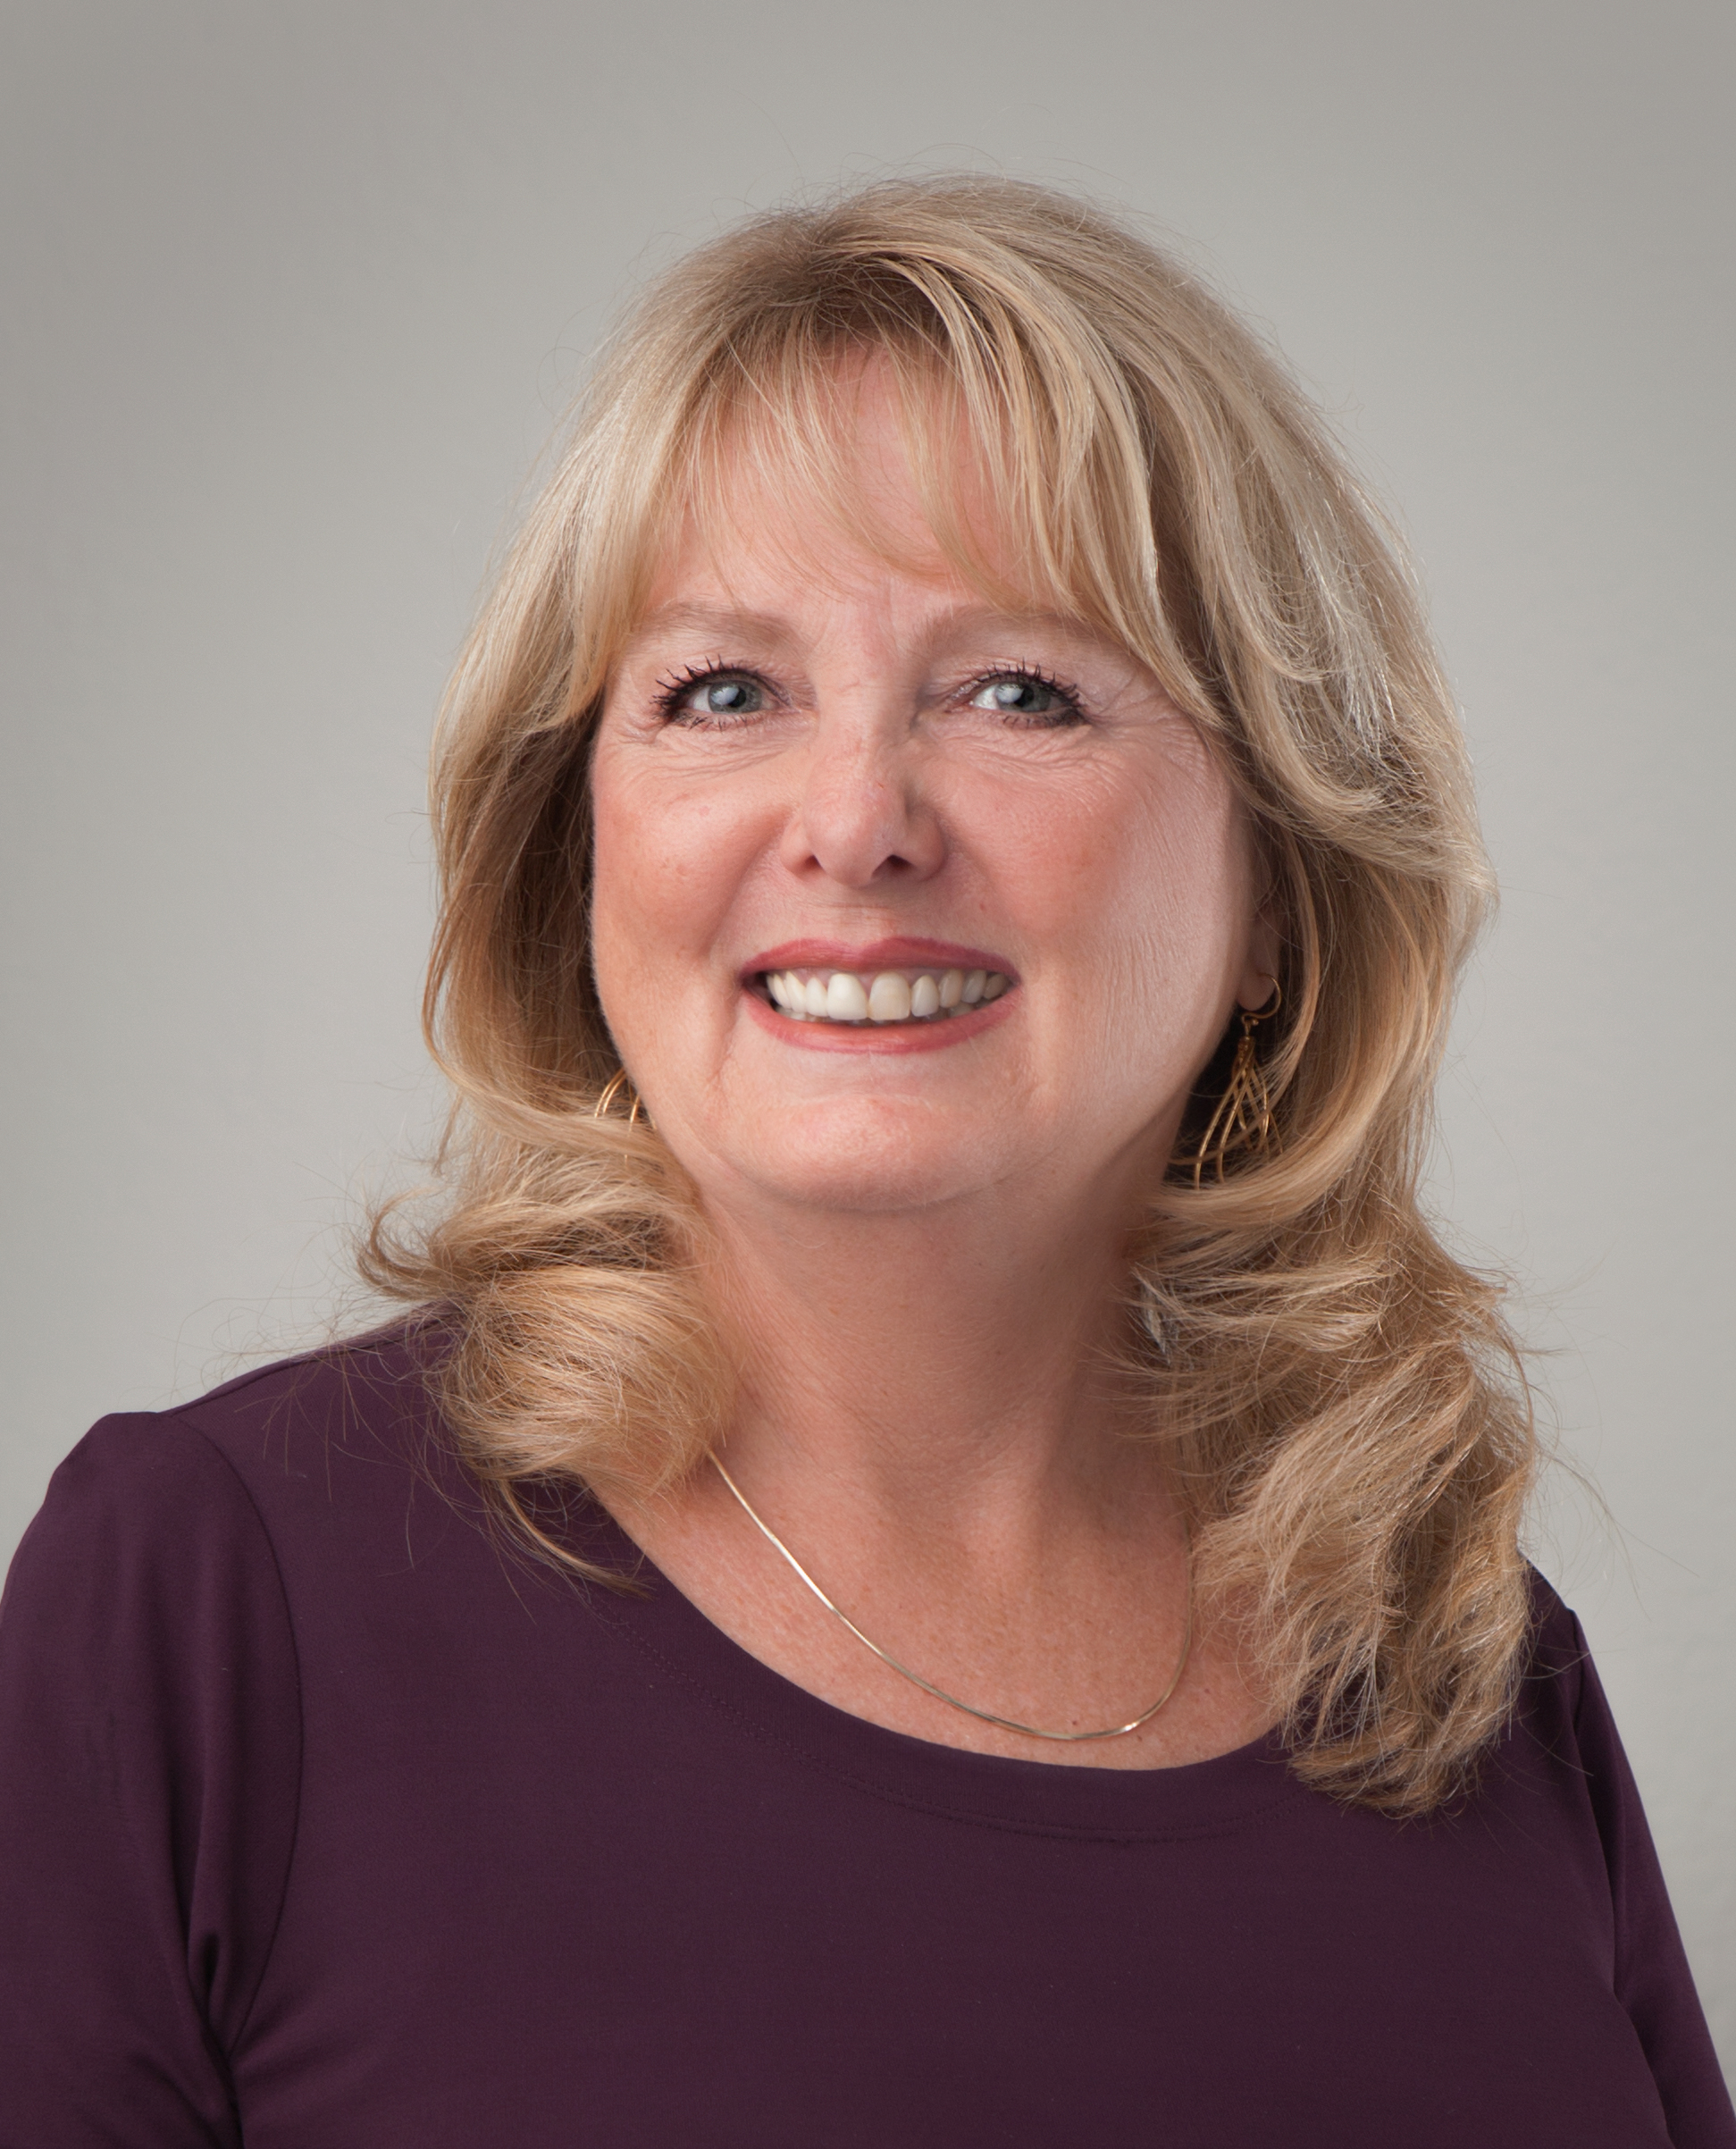 Anatomy For Kids, Dr. Shelley Metten